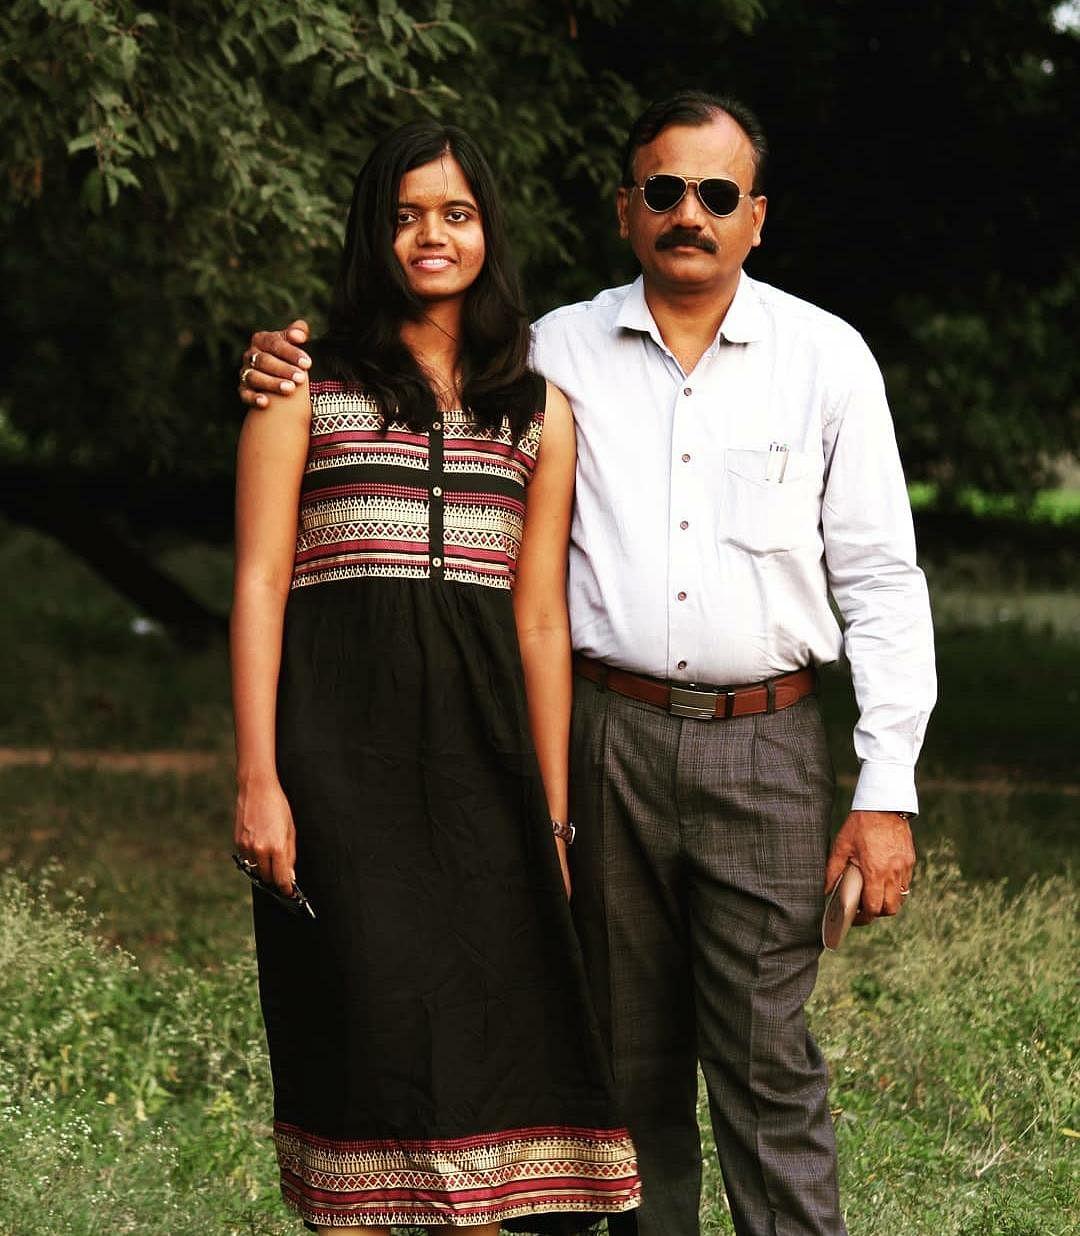 Aleikhya with her father Purushottam.